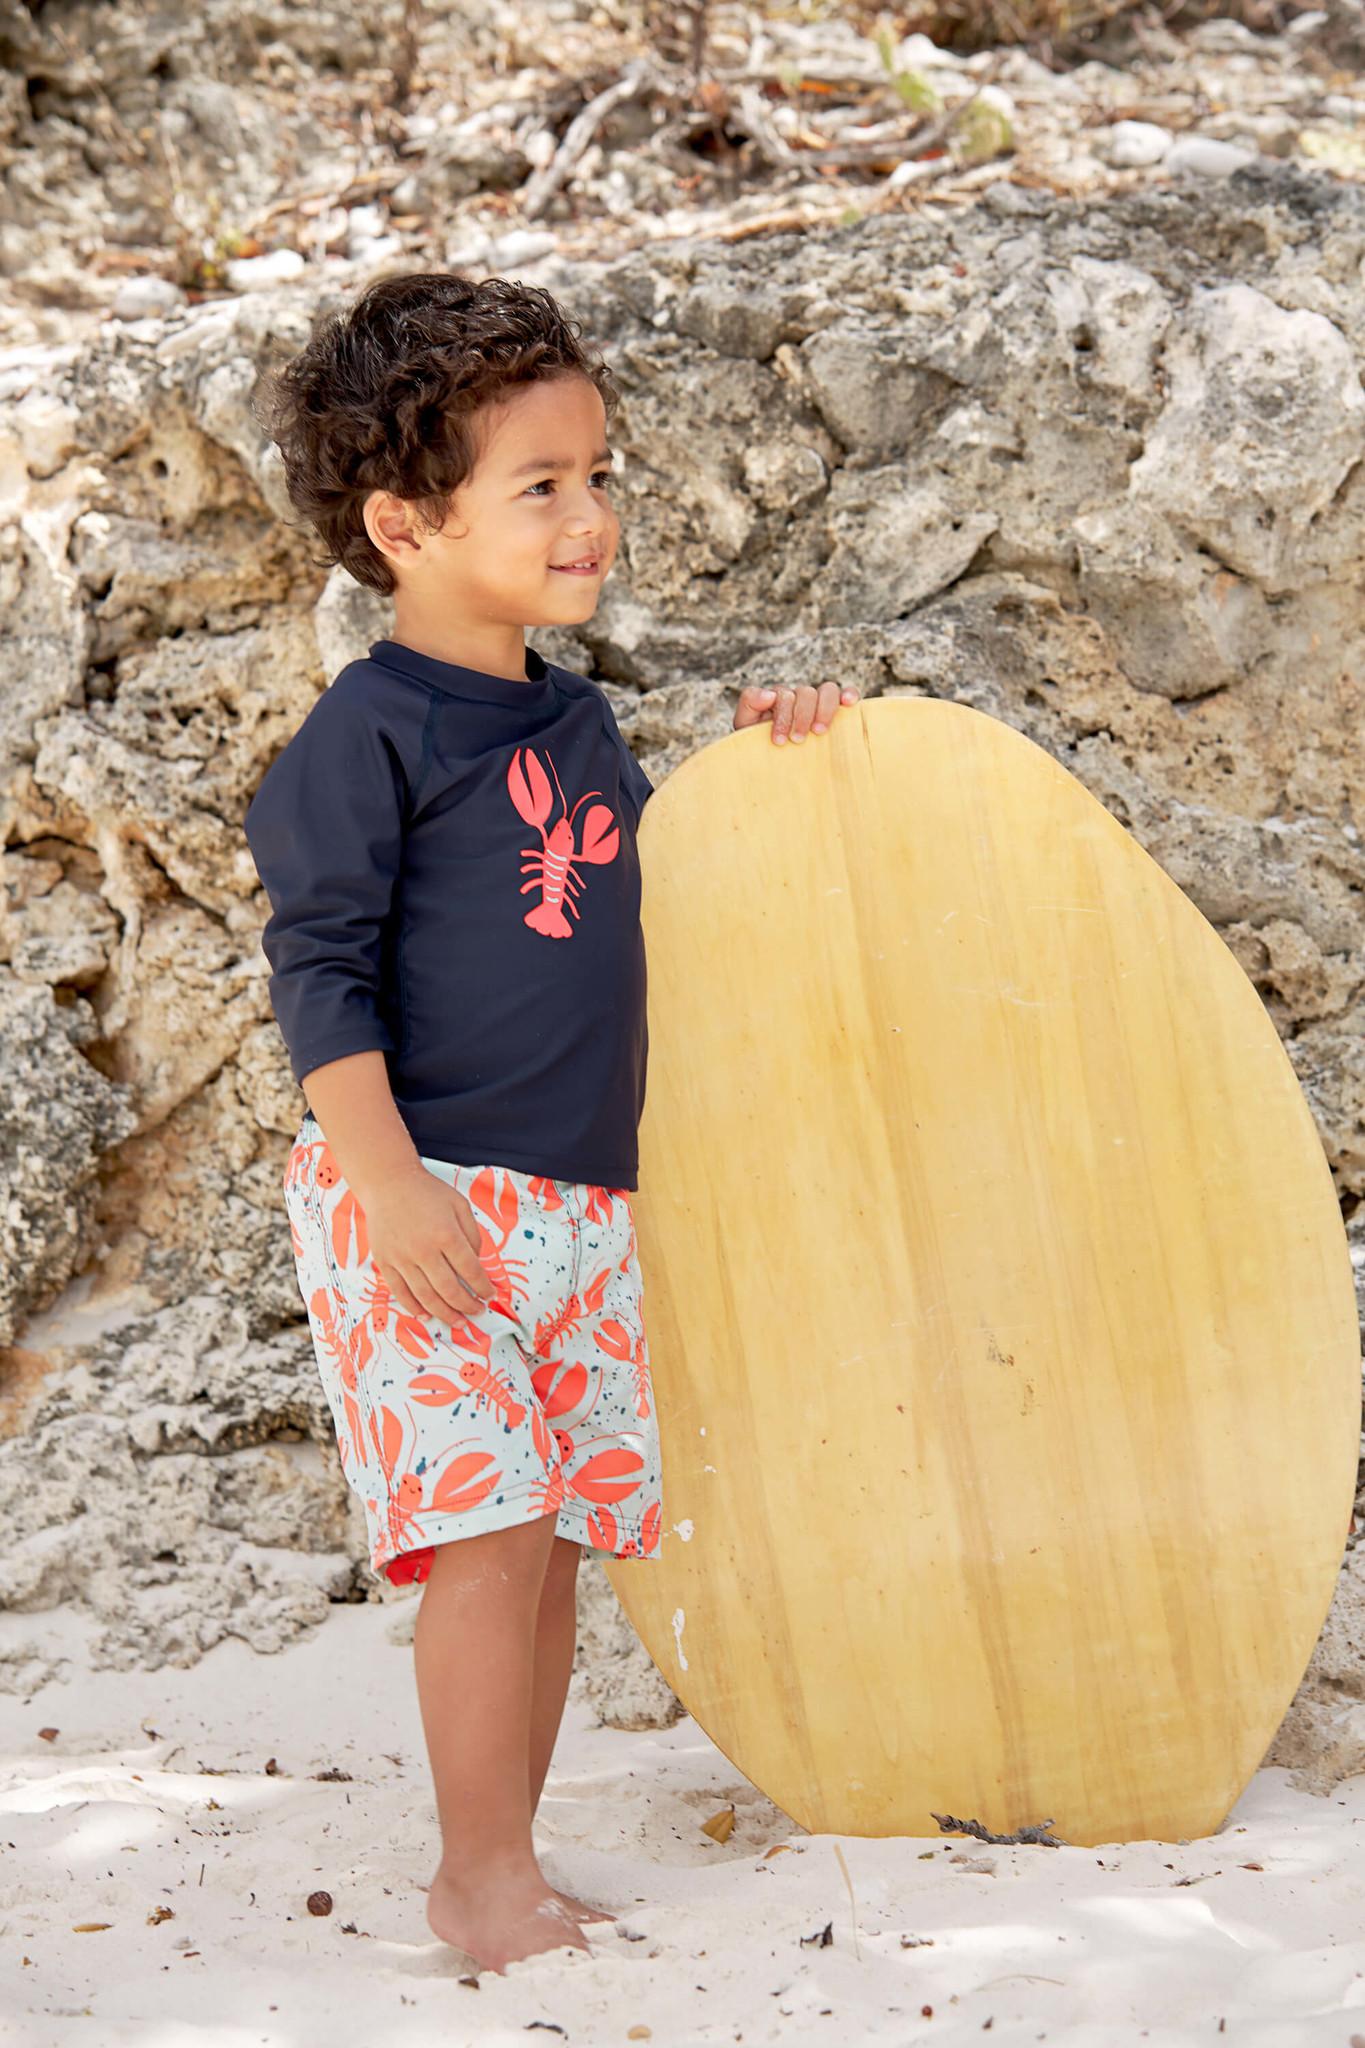 Lässig Lässig Splash & Fun Lange mouw Rashguard / zwemshirt - Lobster 12 maanden